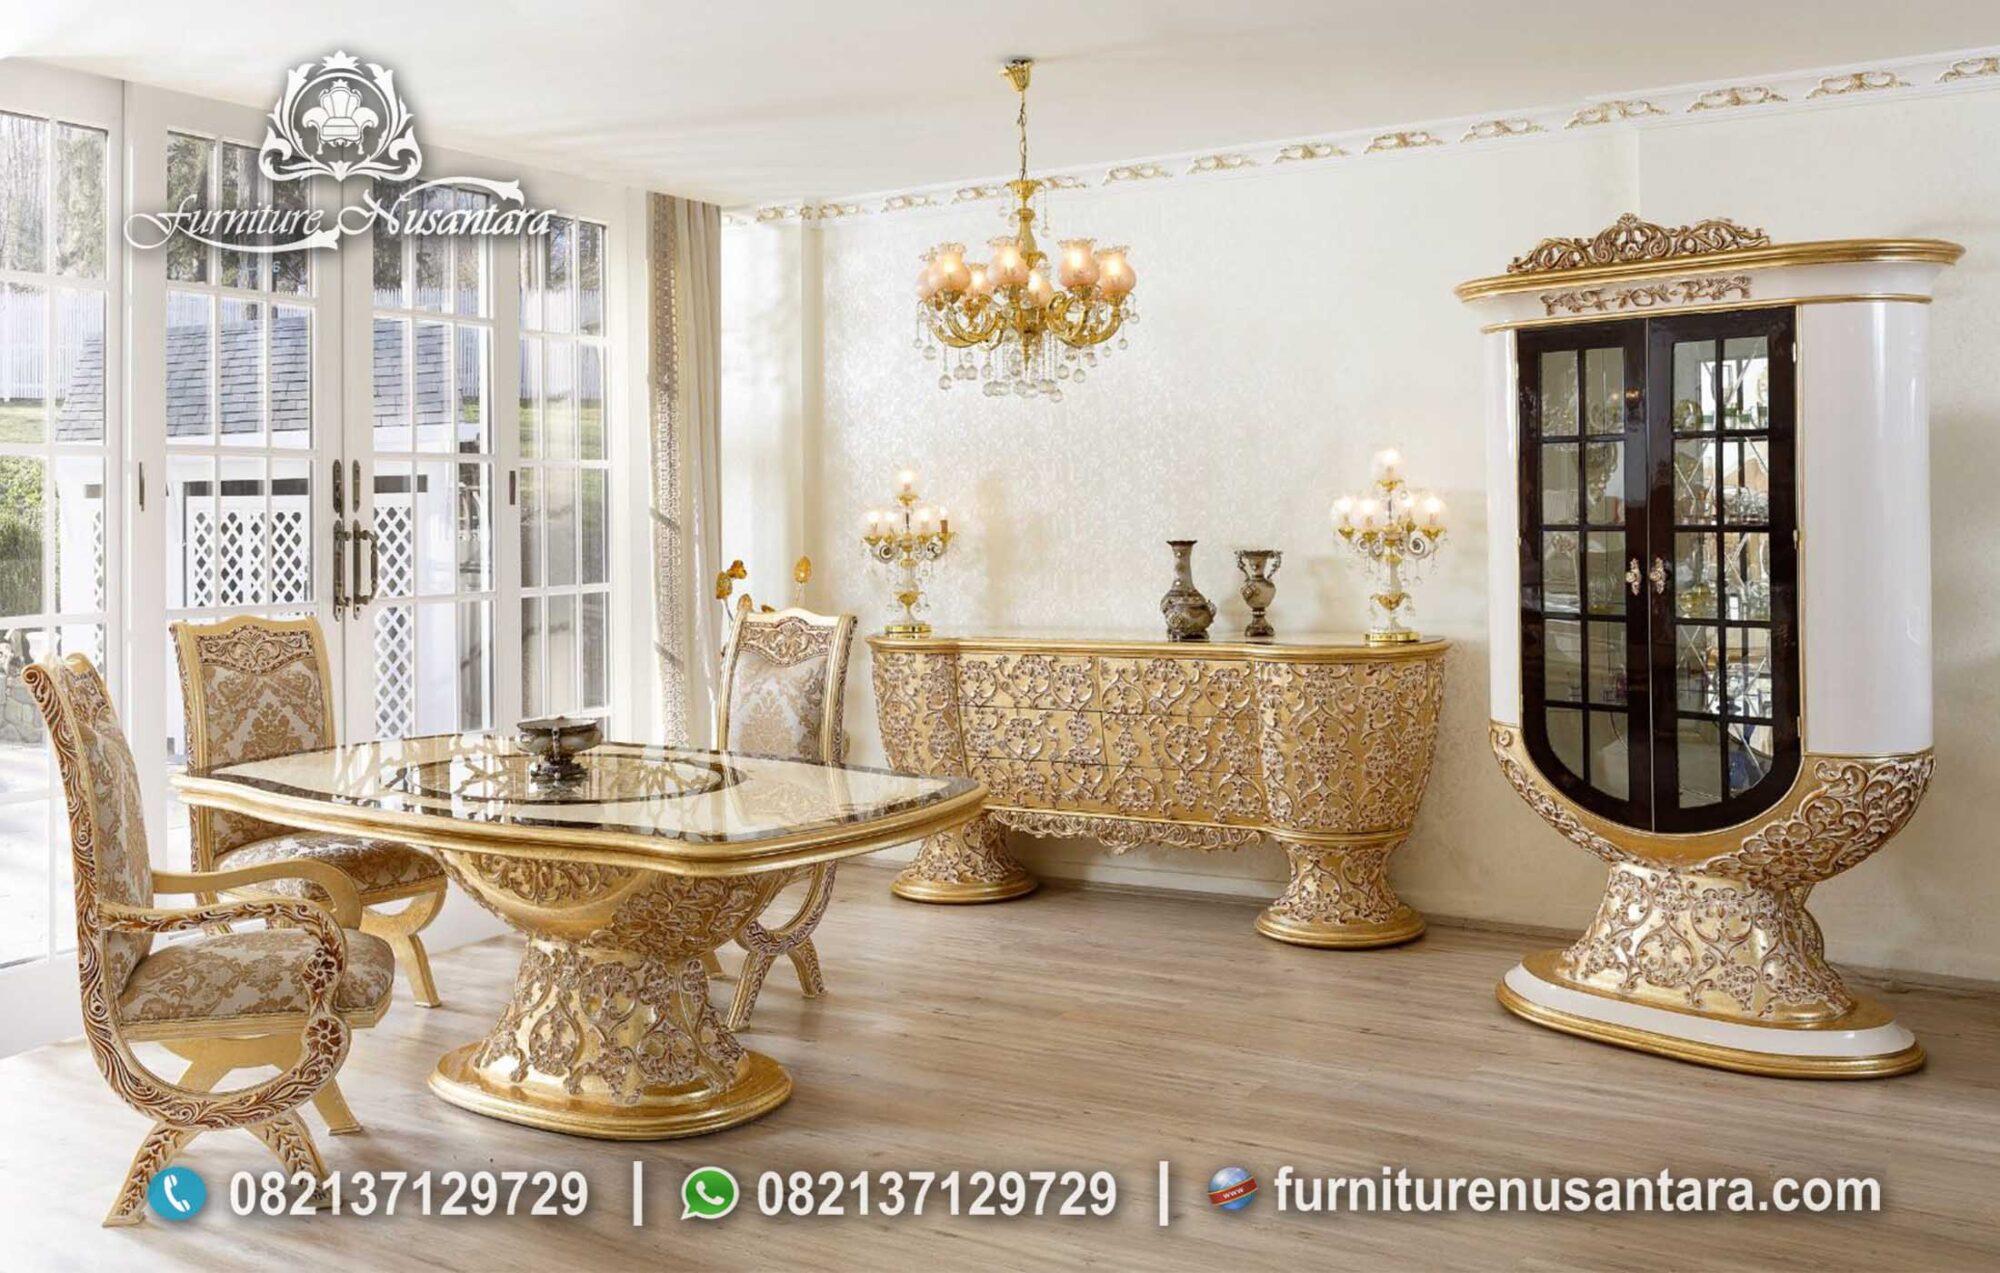 Jual Kursi & Meja Makan Model Terbaru Ukir Mewah MM-06, Furniture Nusantara